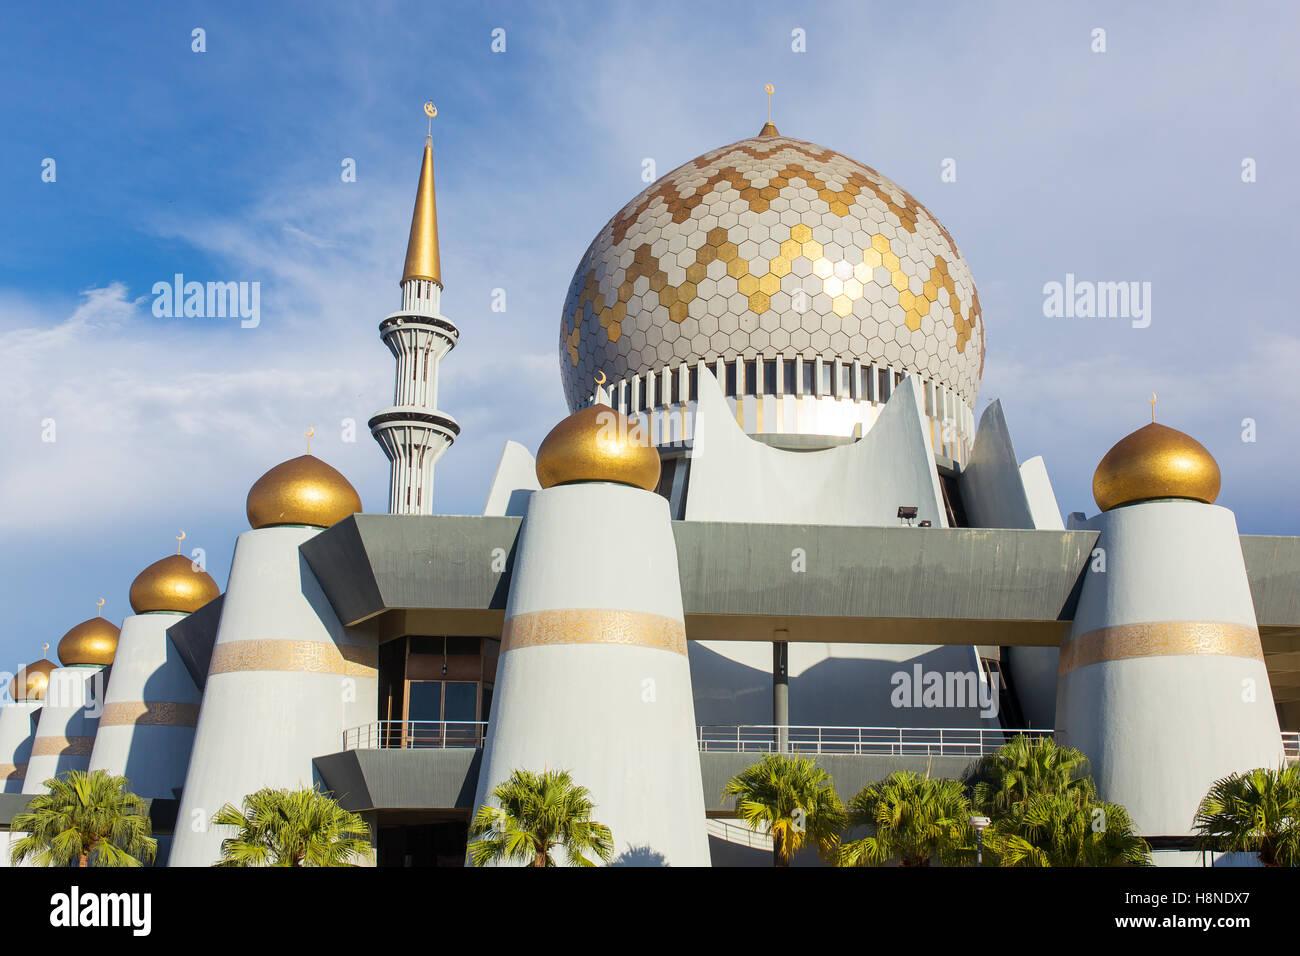 Kota Kinabalu, Malaysia - June 7, 2016: Masjid Negeri Sabah the state mosque of Sabah in Kota Kinabalu, Malaysia - Stock Image